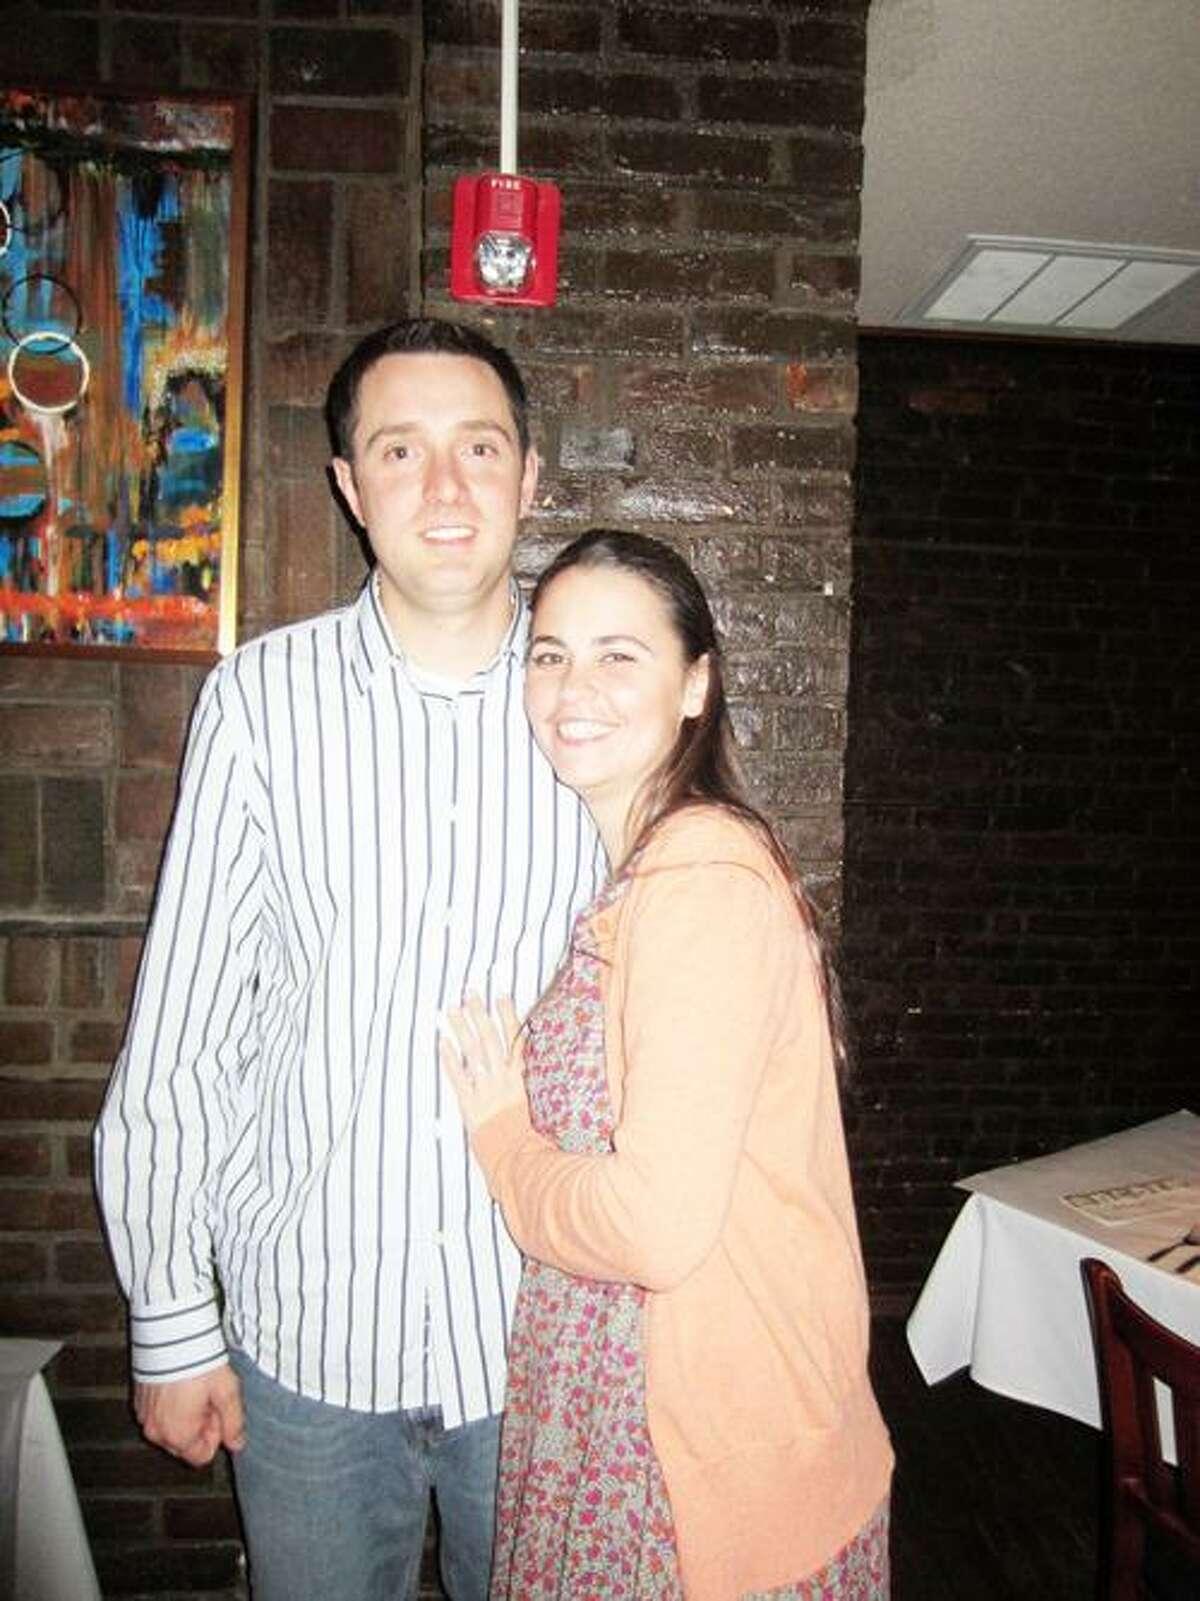 Drew Garret Munz and Kristen Elizabeth Moran